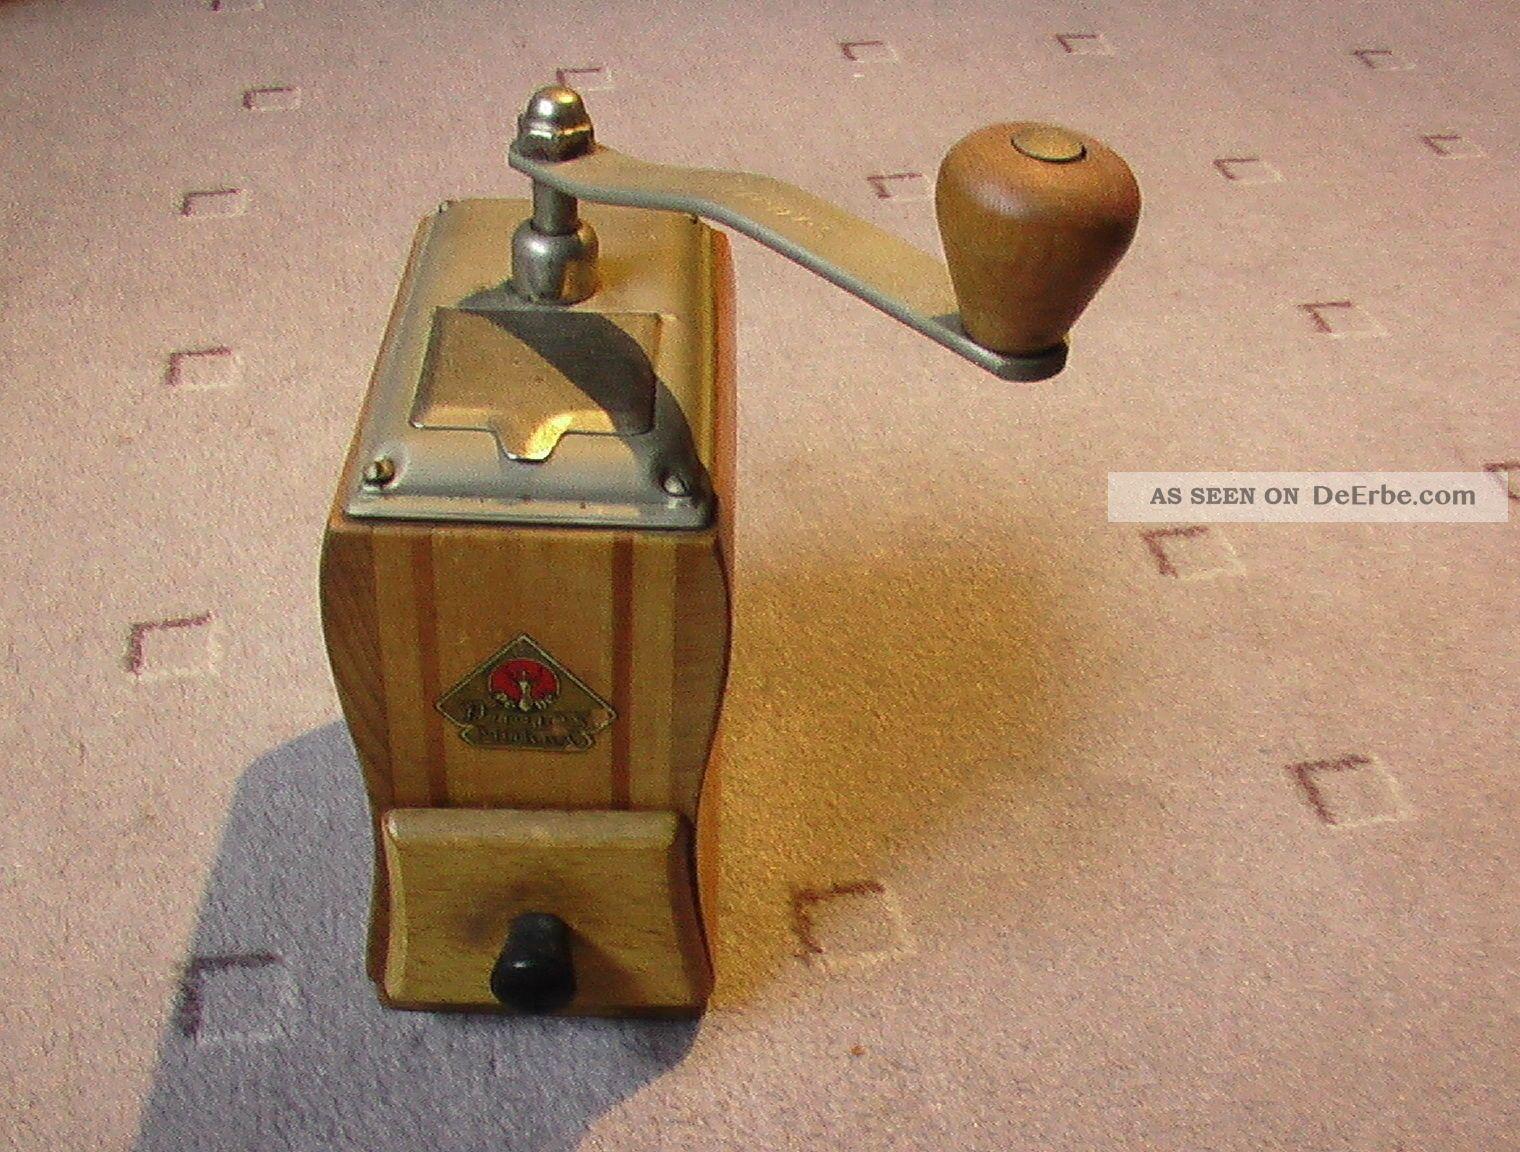 alte hand kaffeem hle nr 4 aus einer sammlung. Black Bedroom Furniture Sets. Home Design Ideas